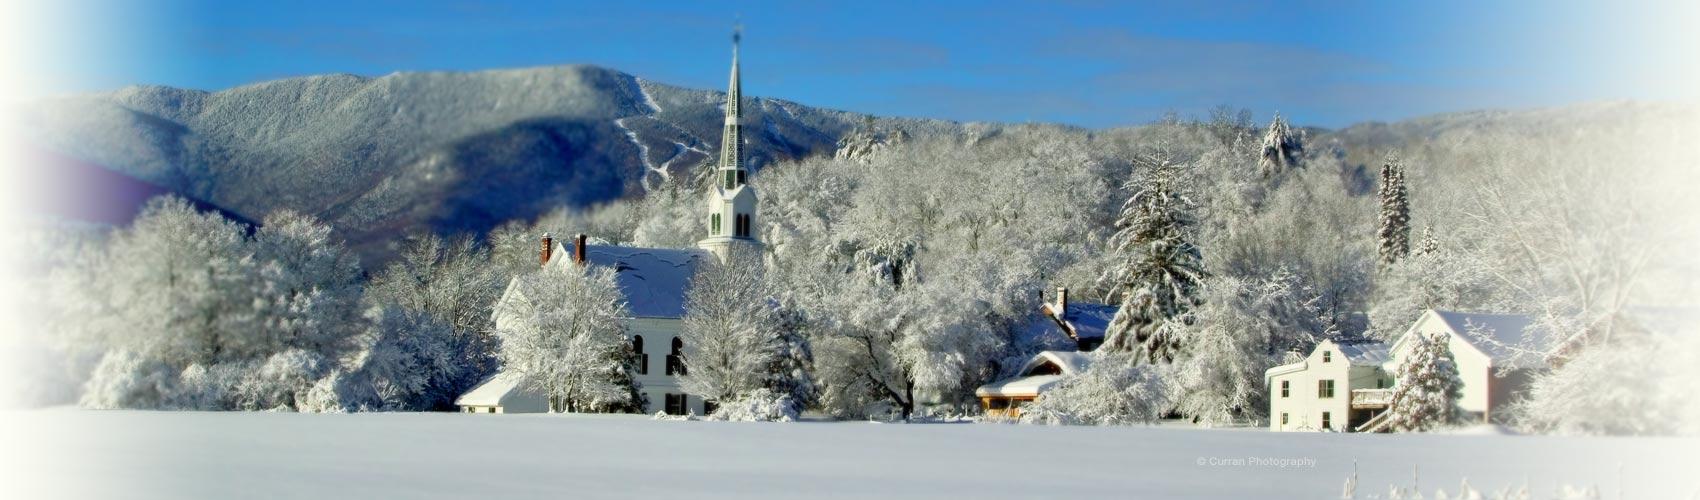 main-winter-activities